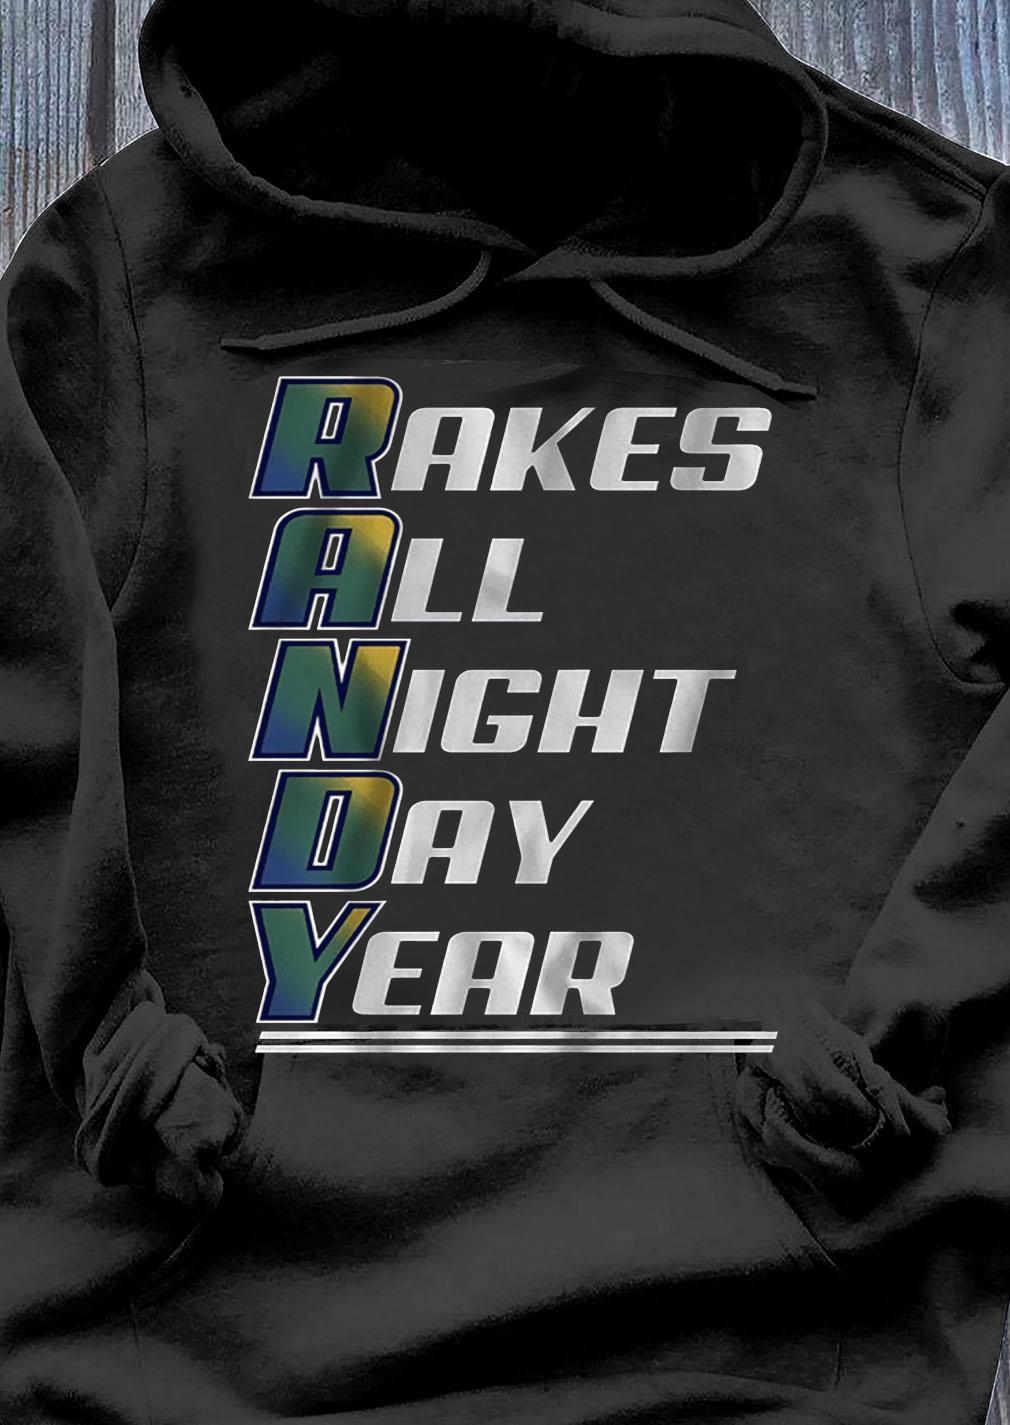 Randy Arozarena Rakes All Night Day Year T-Shirt Hoodie